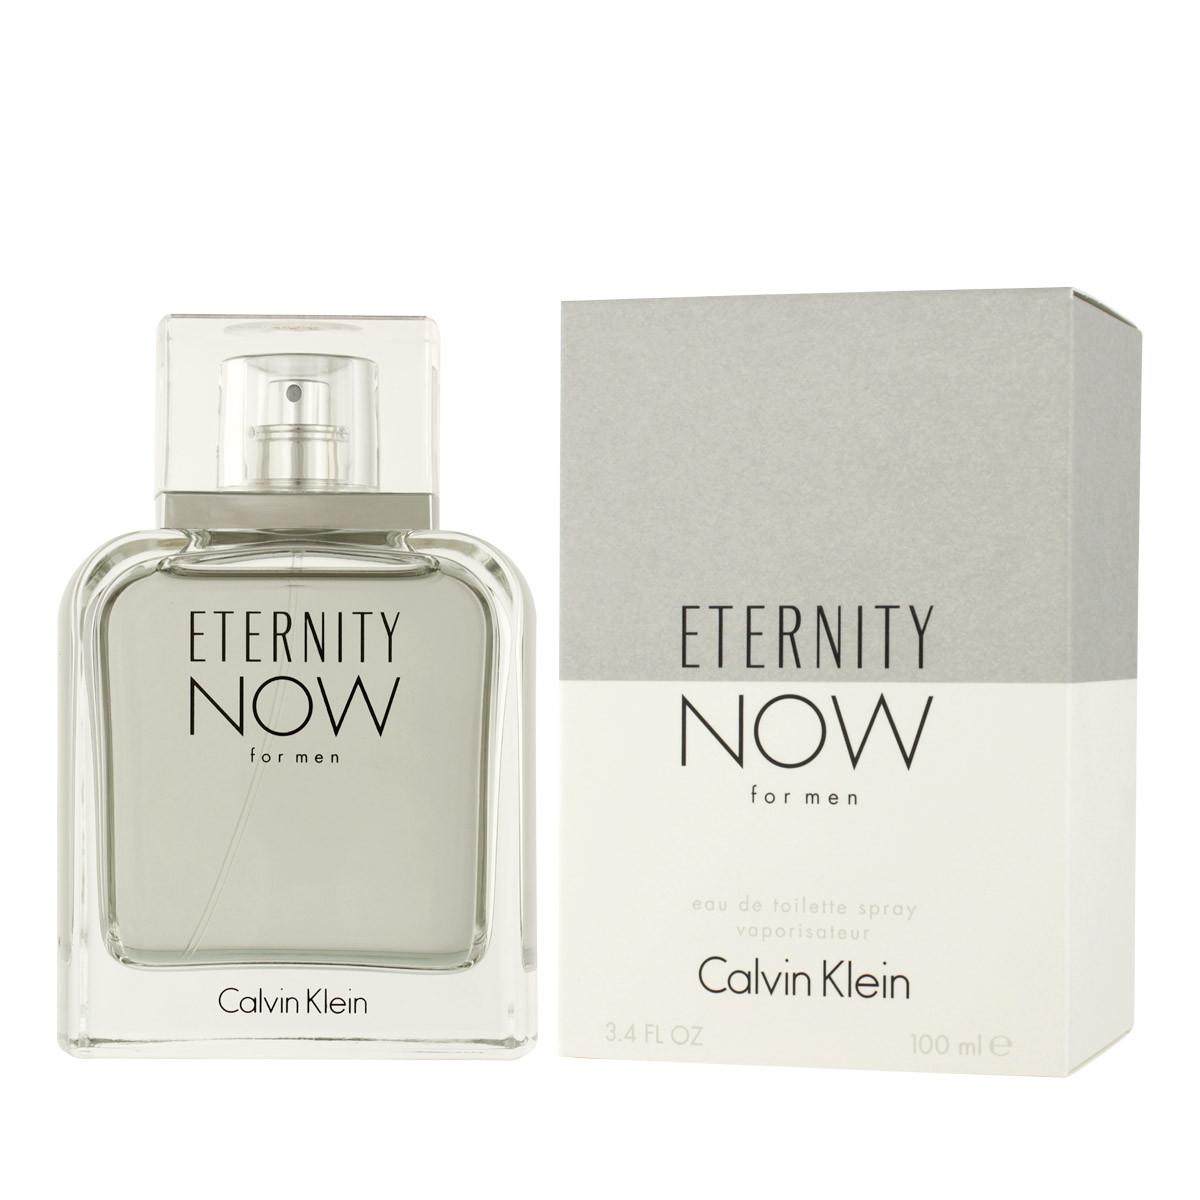 9681ef8329 Calvin Klein Eternity Now for Men EDT 100 ml M - Eternity Now for ...